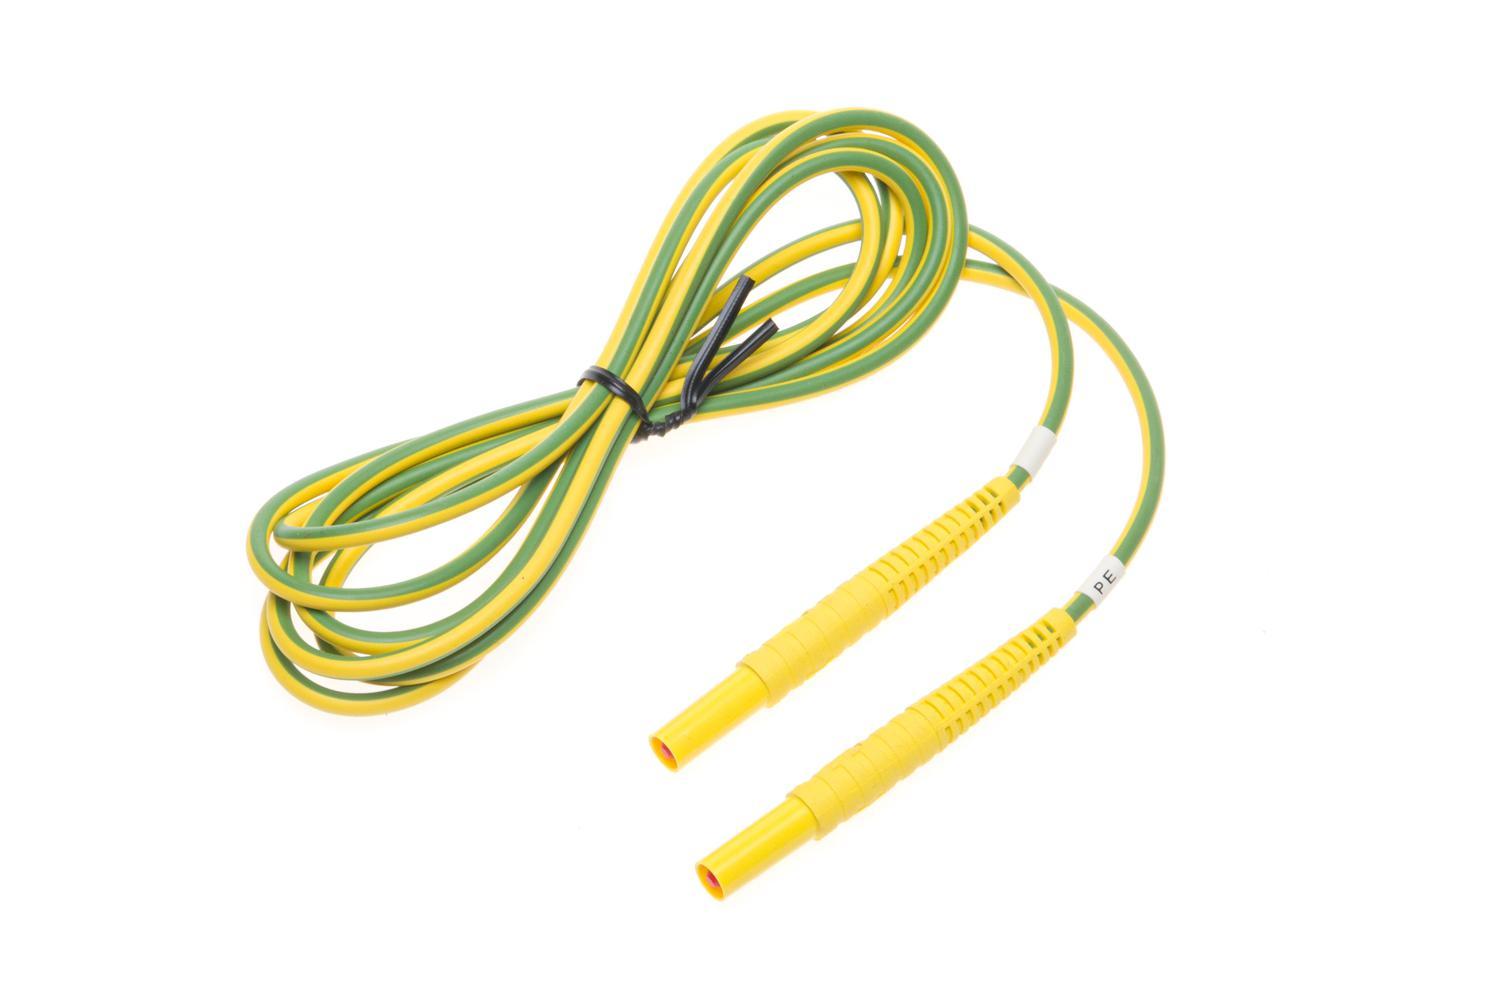 Przewód 2,2 m żółto-zielony 1 kV (wtyki bananowe)